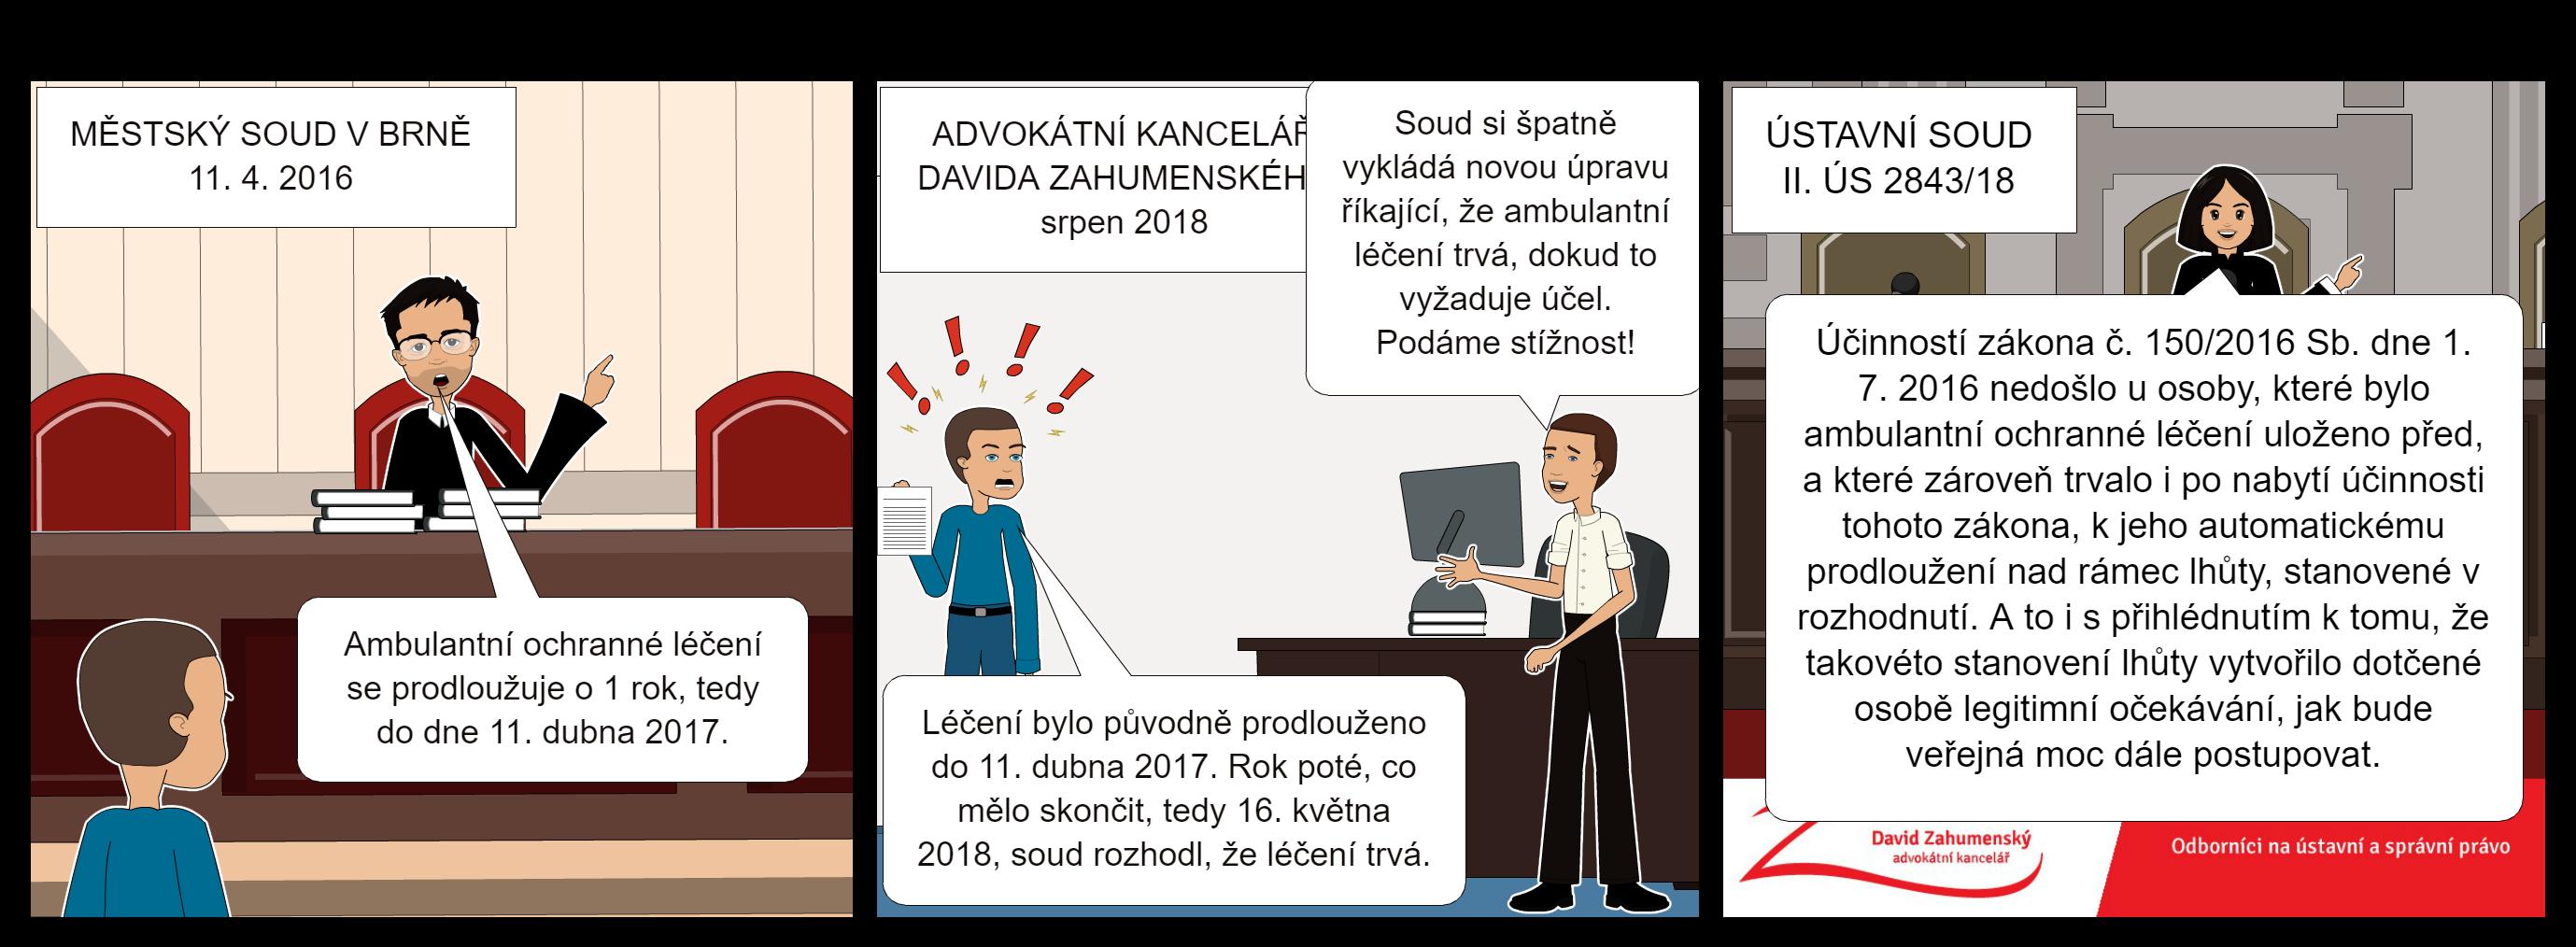 Komiks k nálezu II. ÚS 2843/18